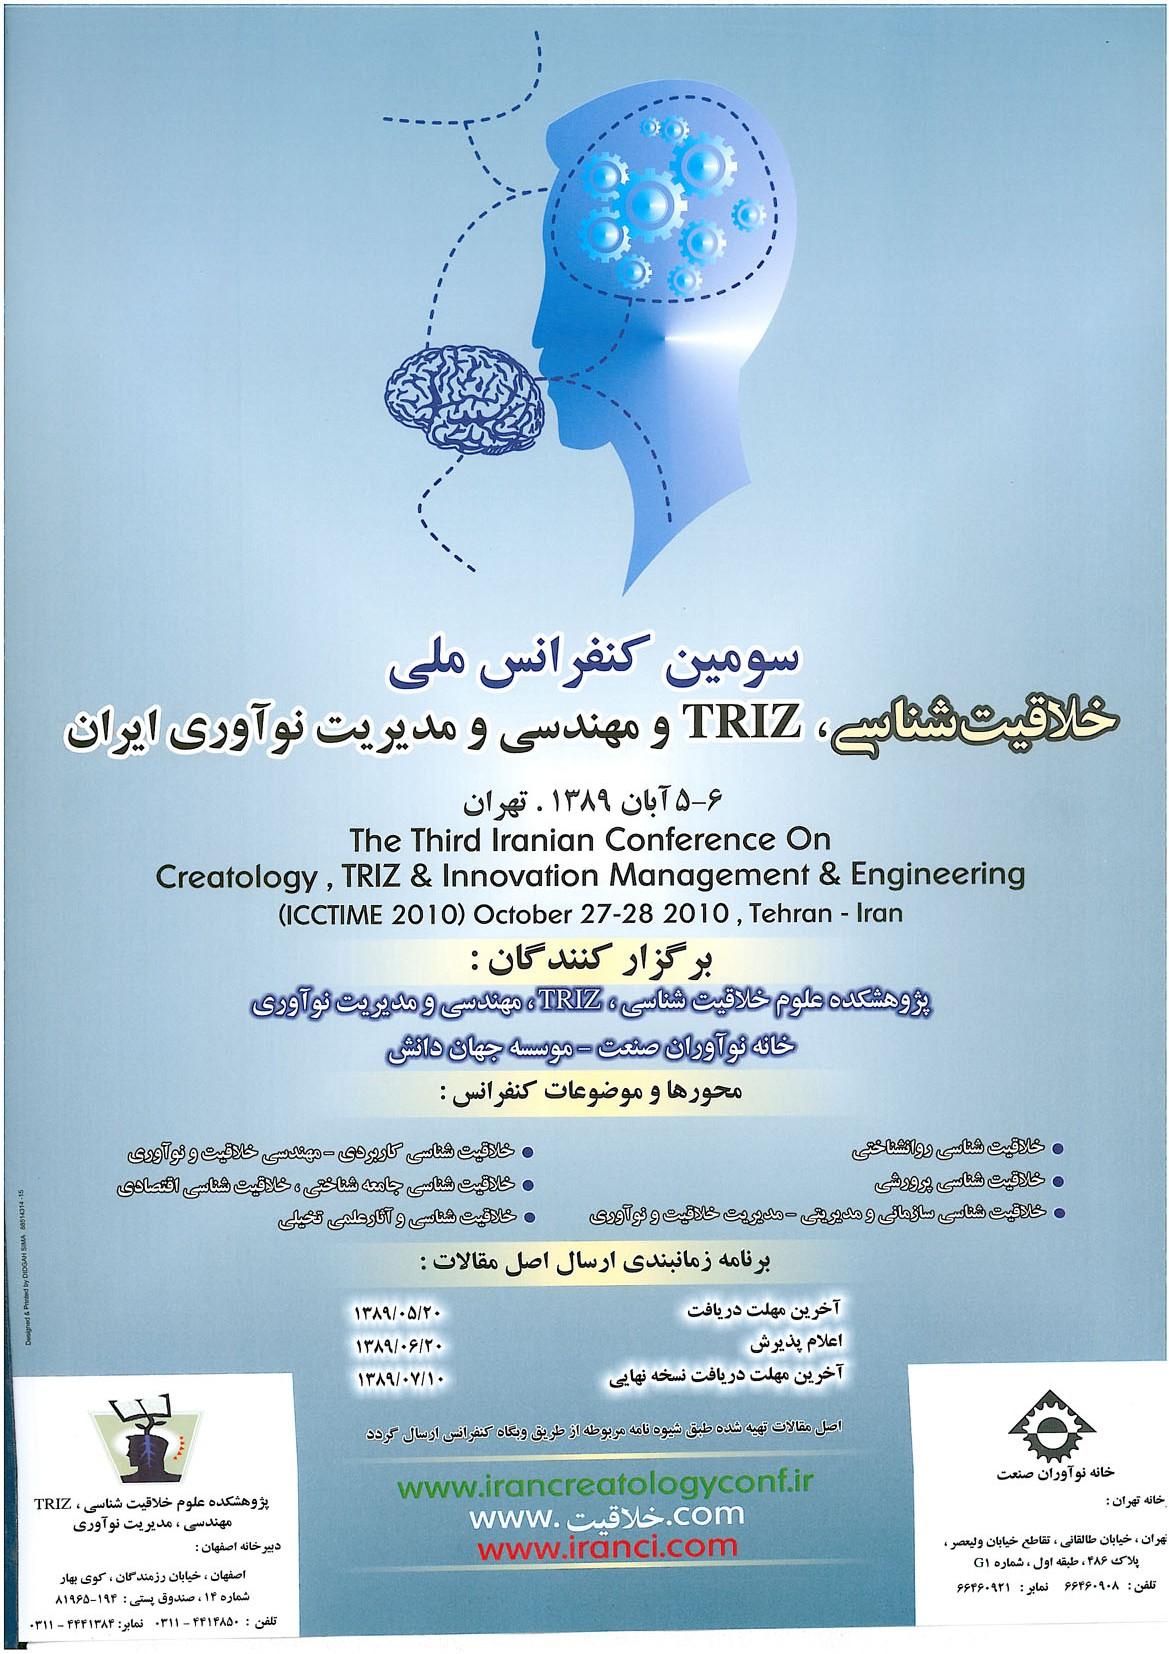 سومین کنفرانس ملی خلاقیت شناسی،TRIZ ومهندسی ومدیریت نوآوری ایران